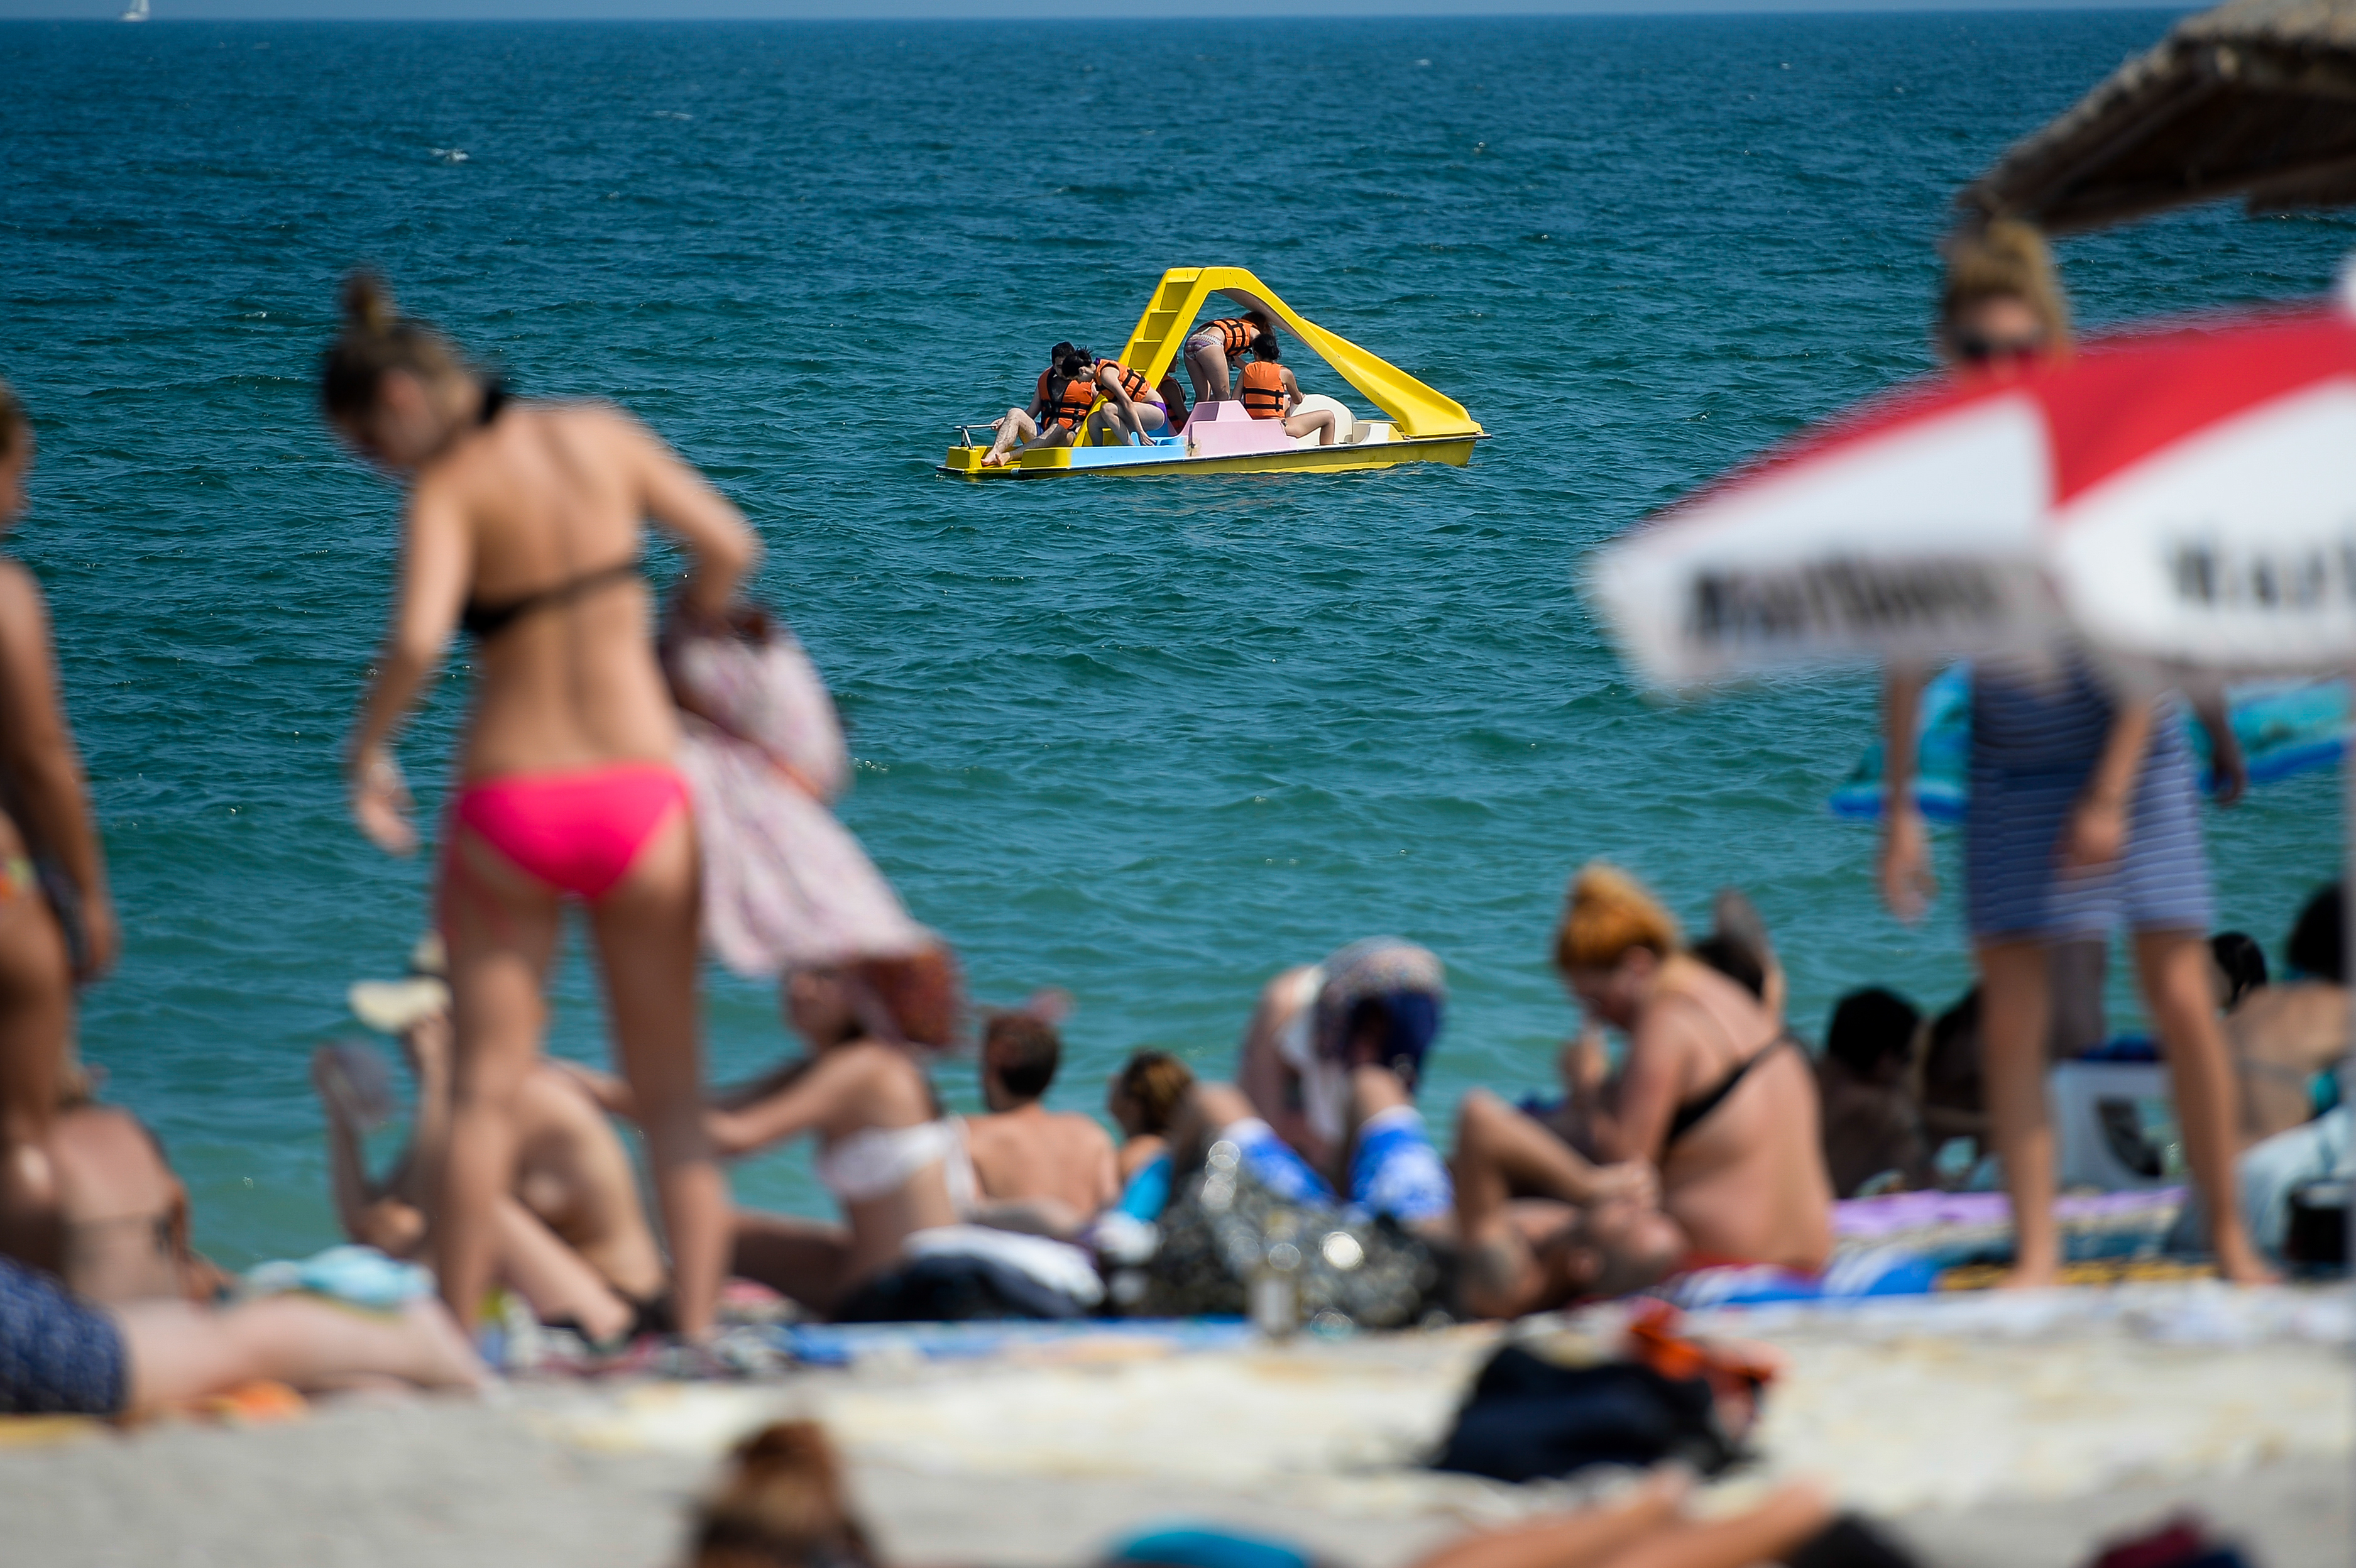 Hotelierii de pe litoral cer ca vacanţa elevilor să nu se scurteze pentru că le-ar afecta afacerile